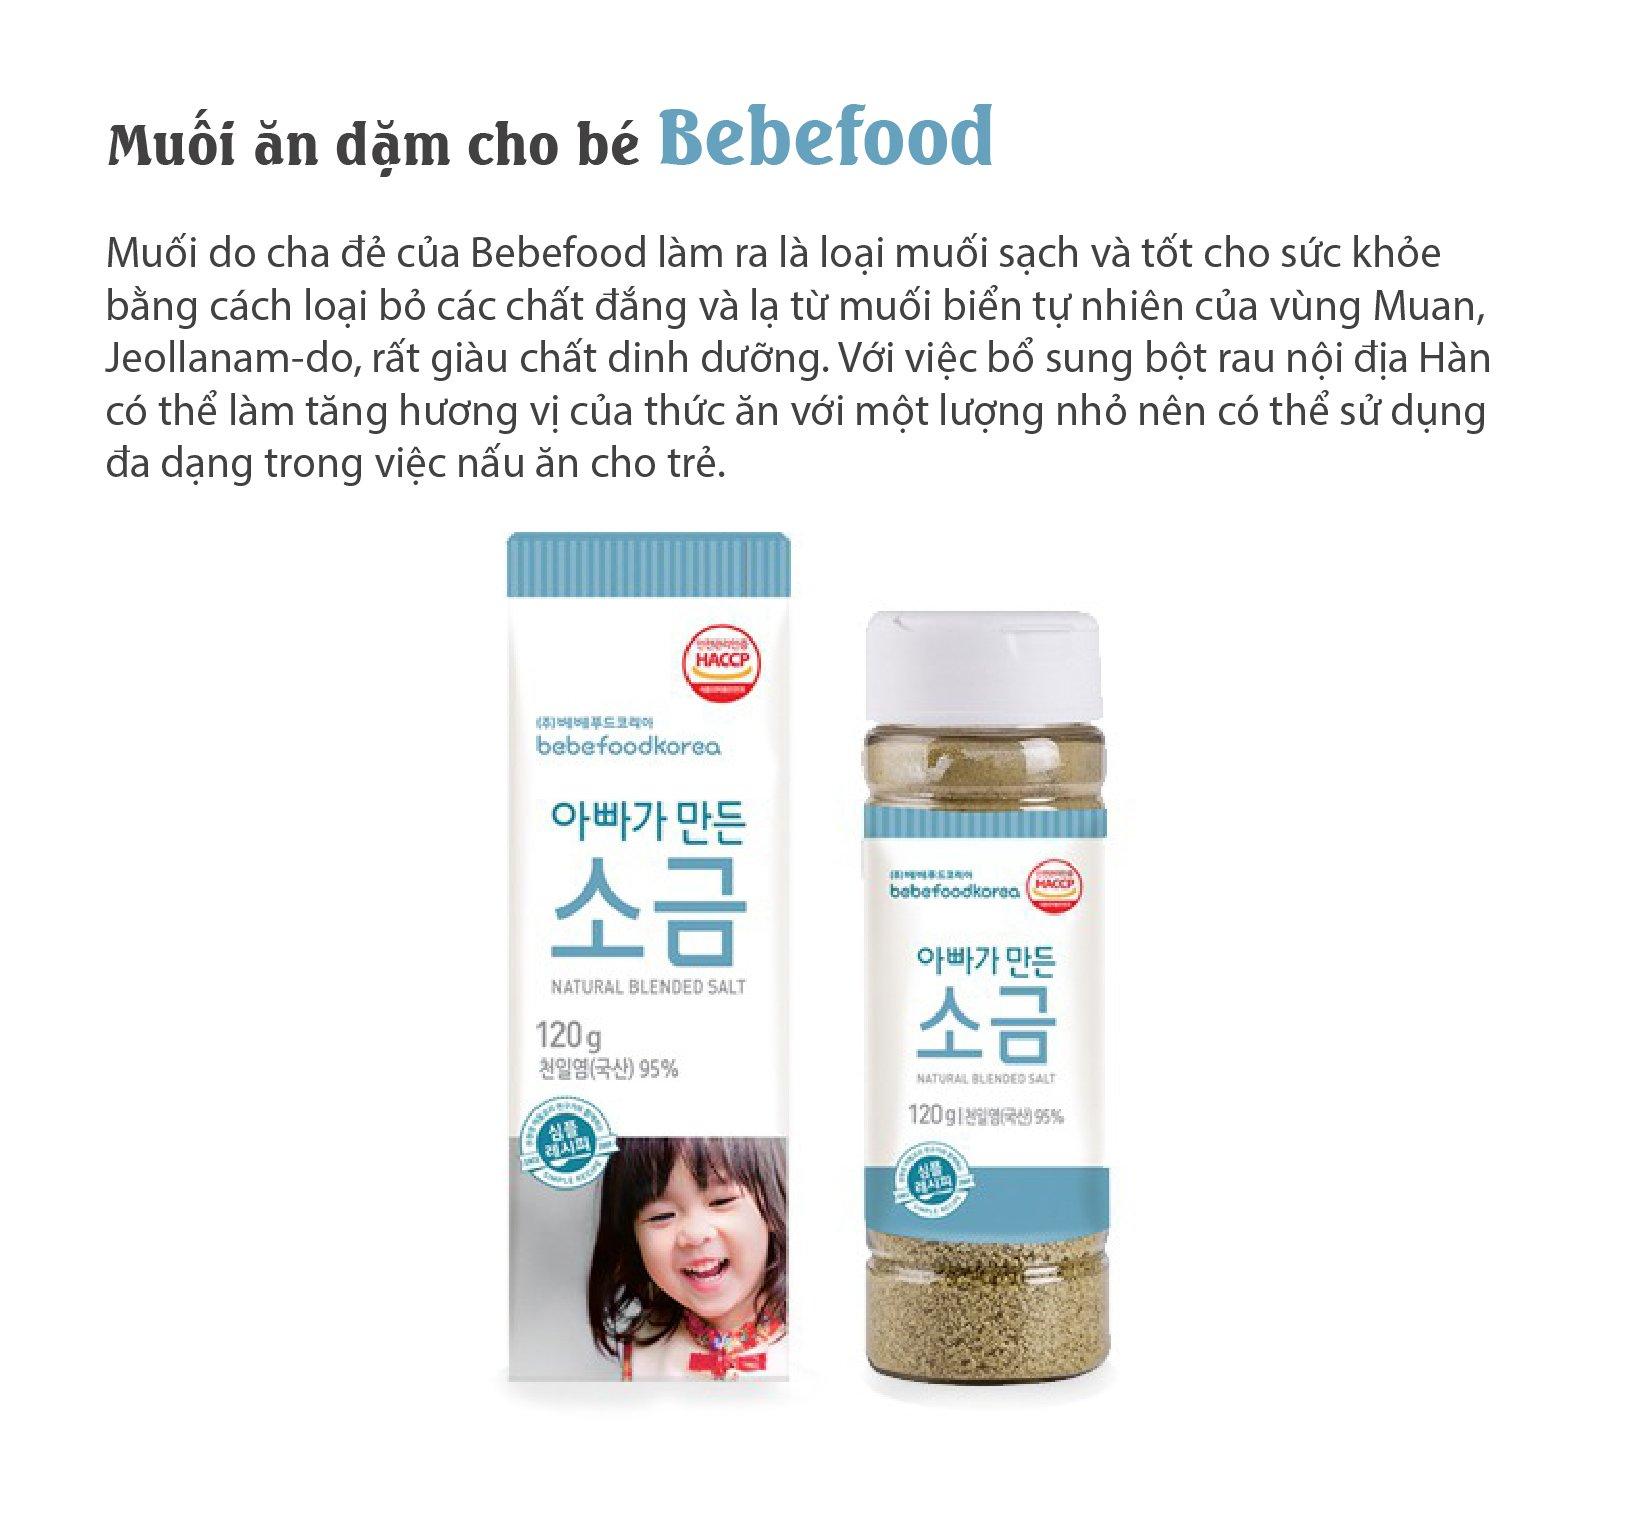 Muối ăn dặm cho bé Bebefood chính hãng Hàn Quốc 4